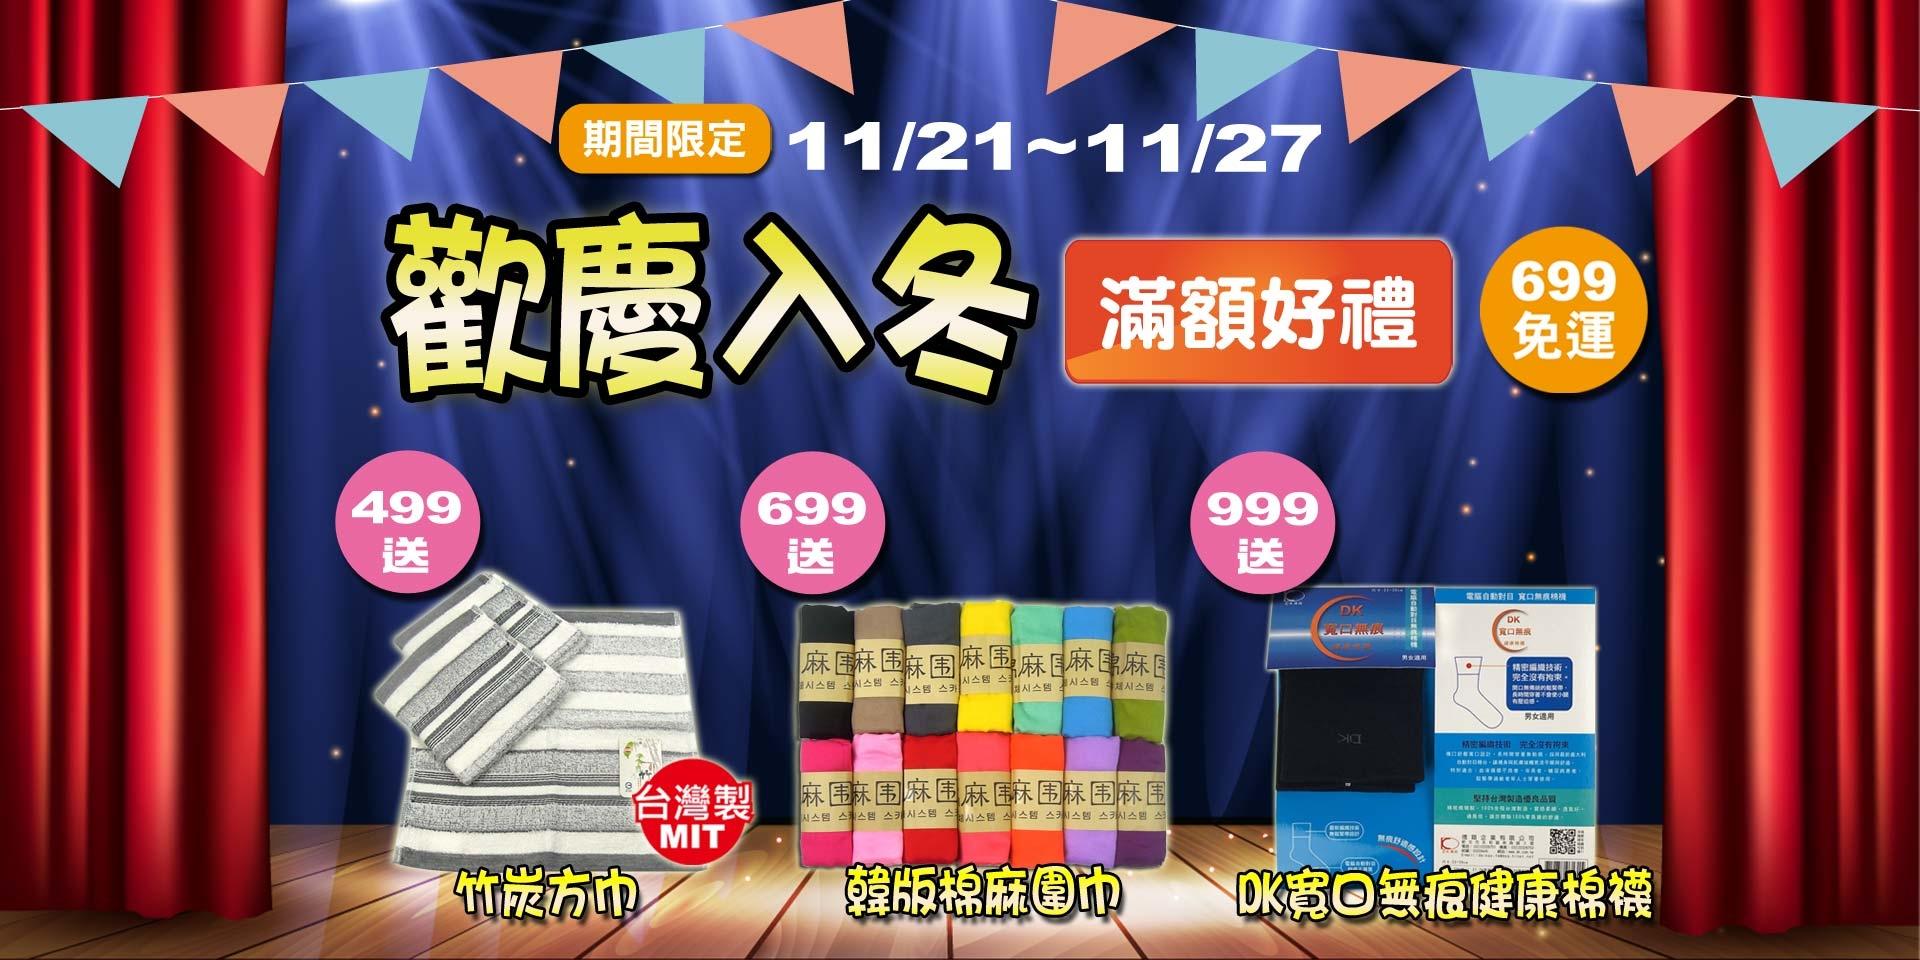 慶入冬~滿499元送竹炭方巾、滿699送棉麻圍巾、滿999送DK寬口無痕健康棉襪!